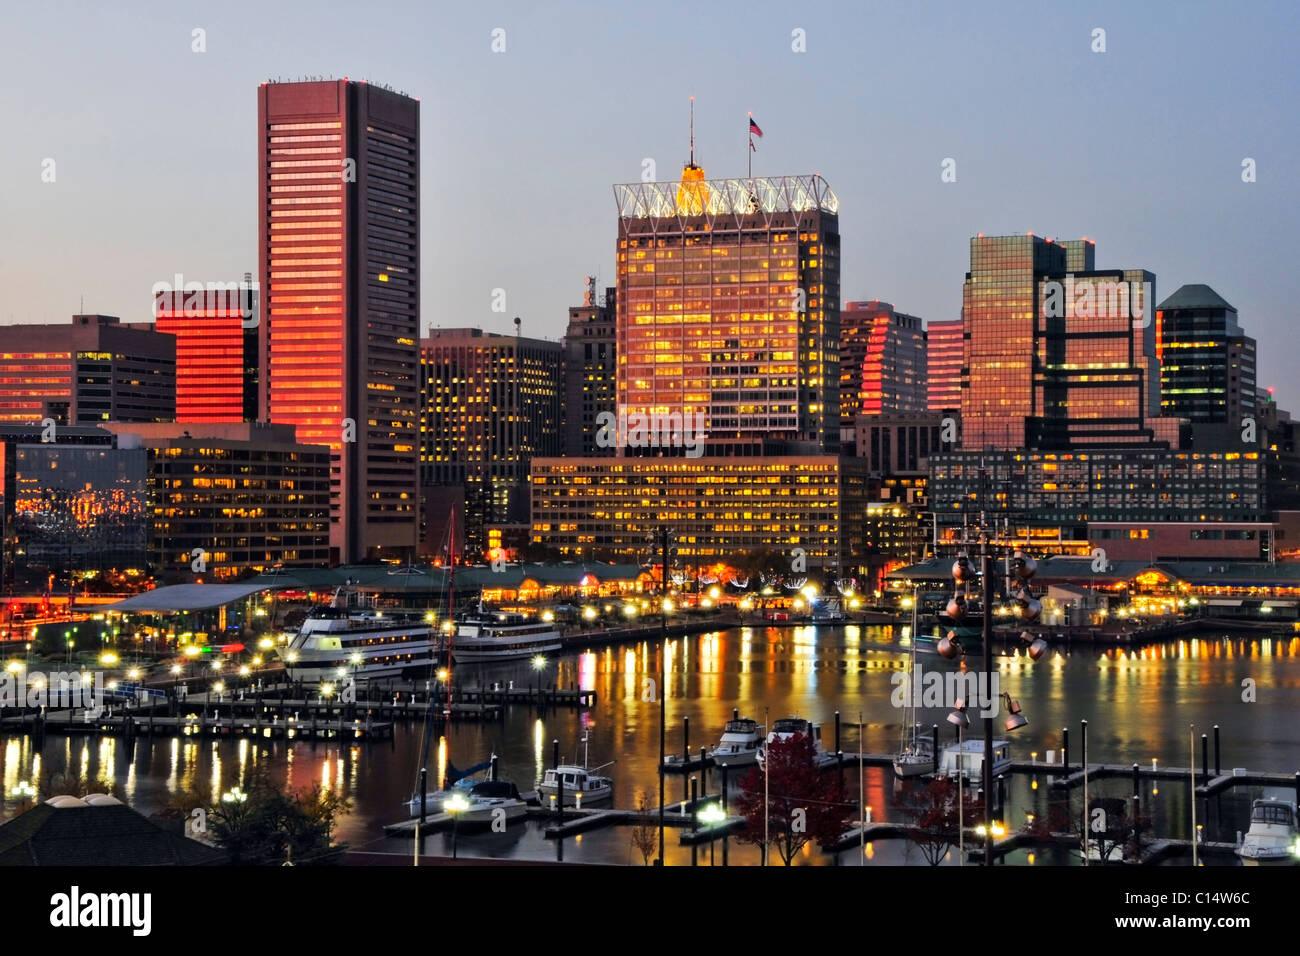 Il tramonto si riflette le finestre del Baltimore skyline della citta' al tramonto, Maryland. Immagini Stock